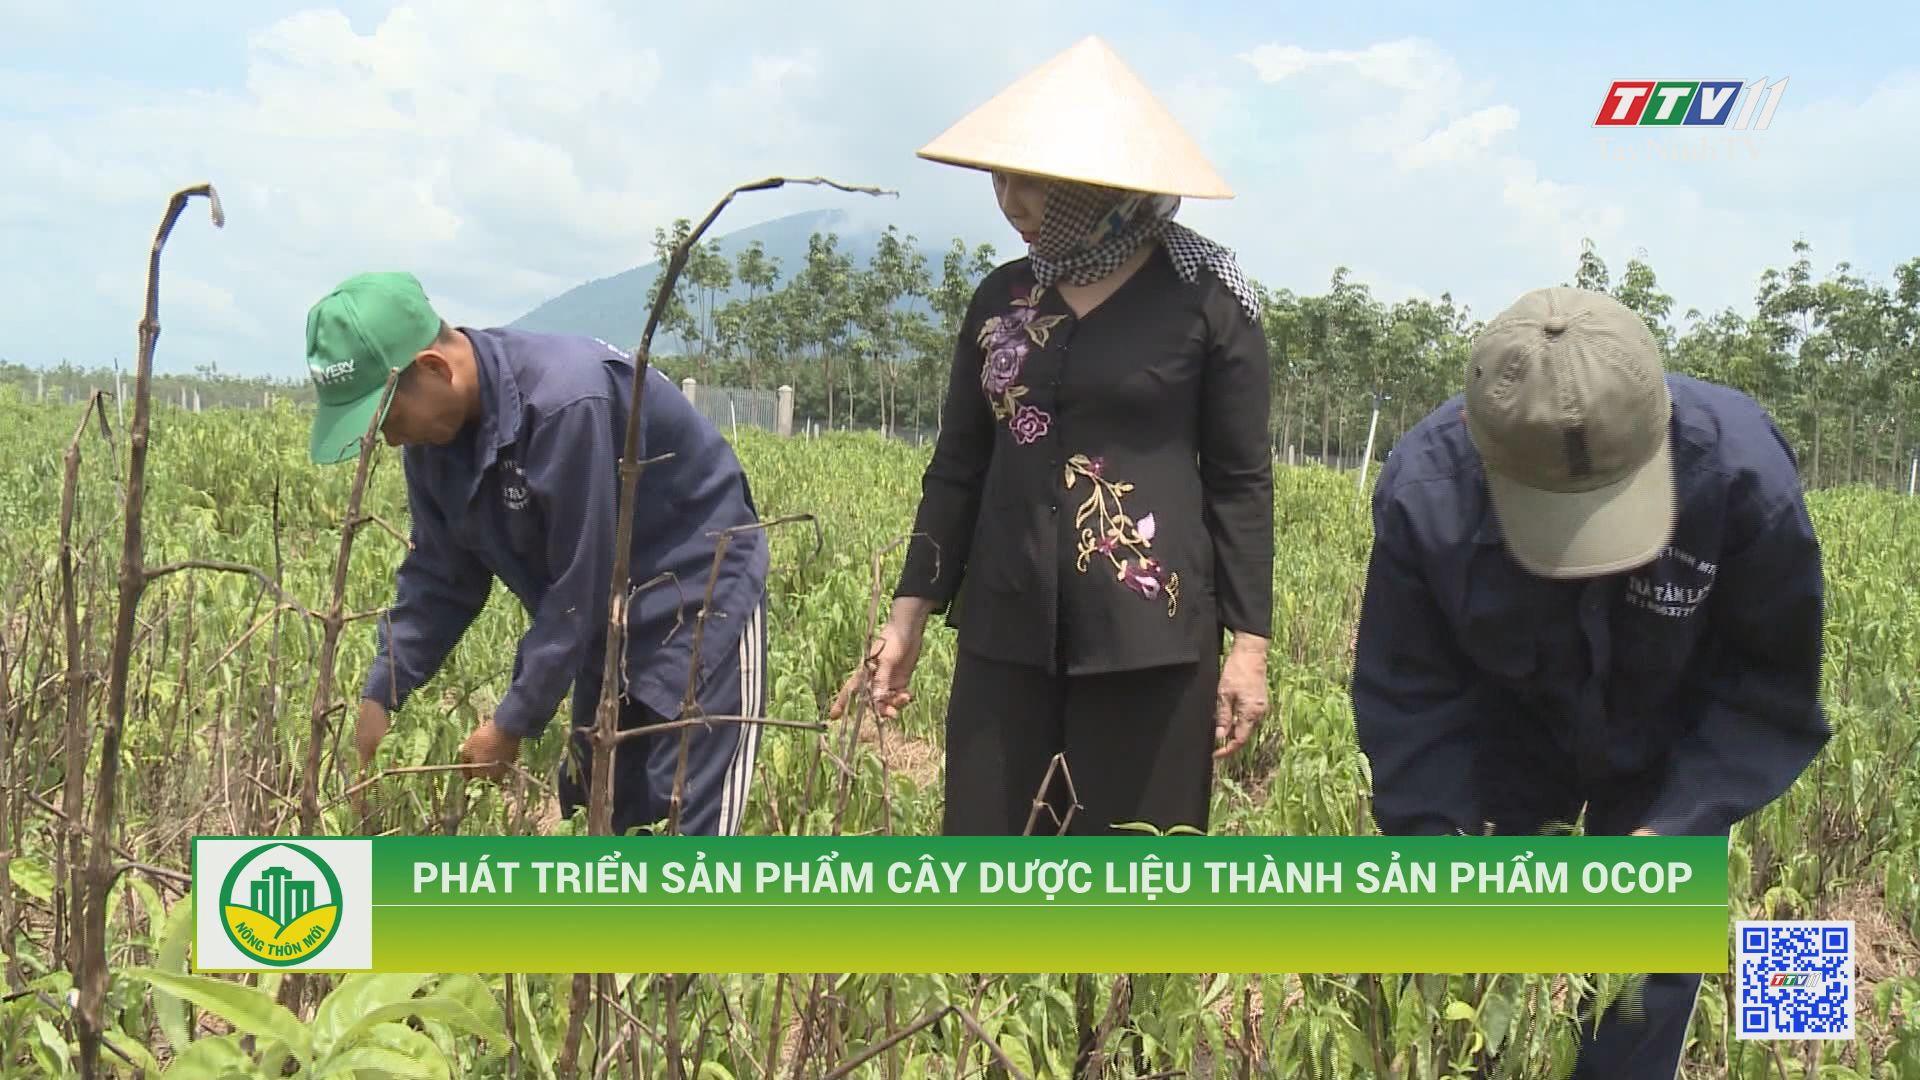 Phát triển sản phẩm cây dược liệu thành sản phẩm OCOP | TÂY NINH XÂY DỰNG NÔNG THÔN MỚI | TayNinhTV